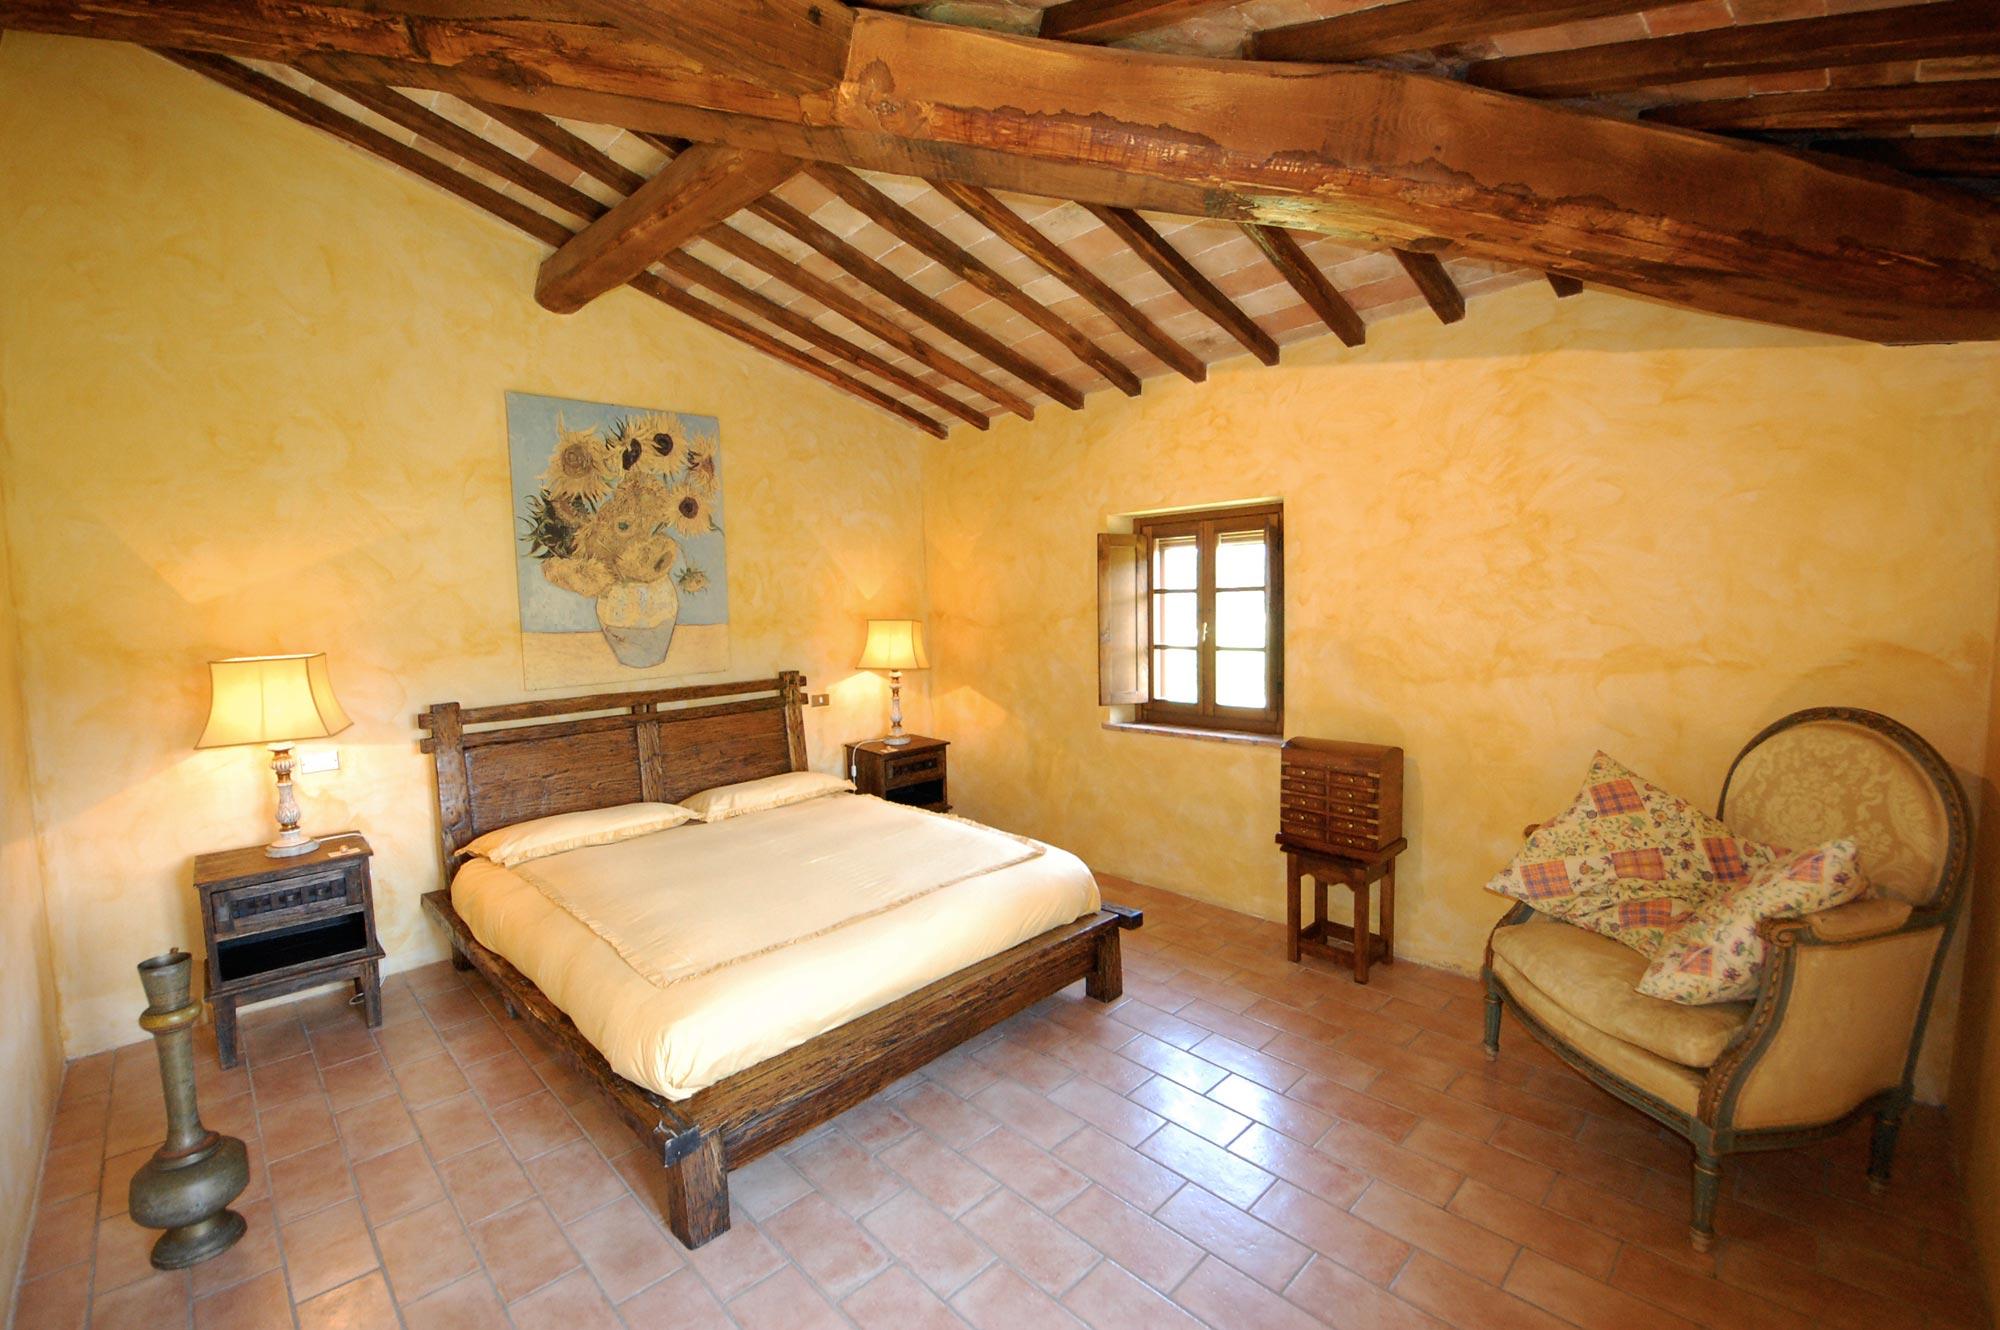 letto-della-villa-in-toscana